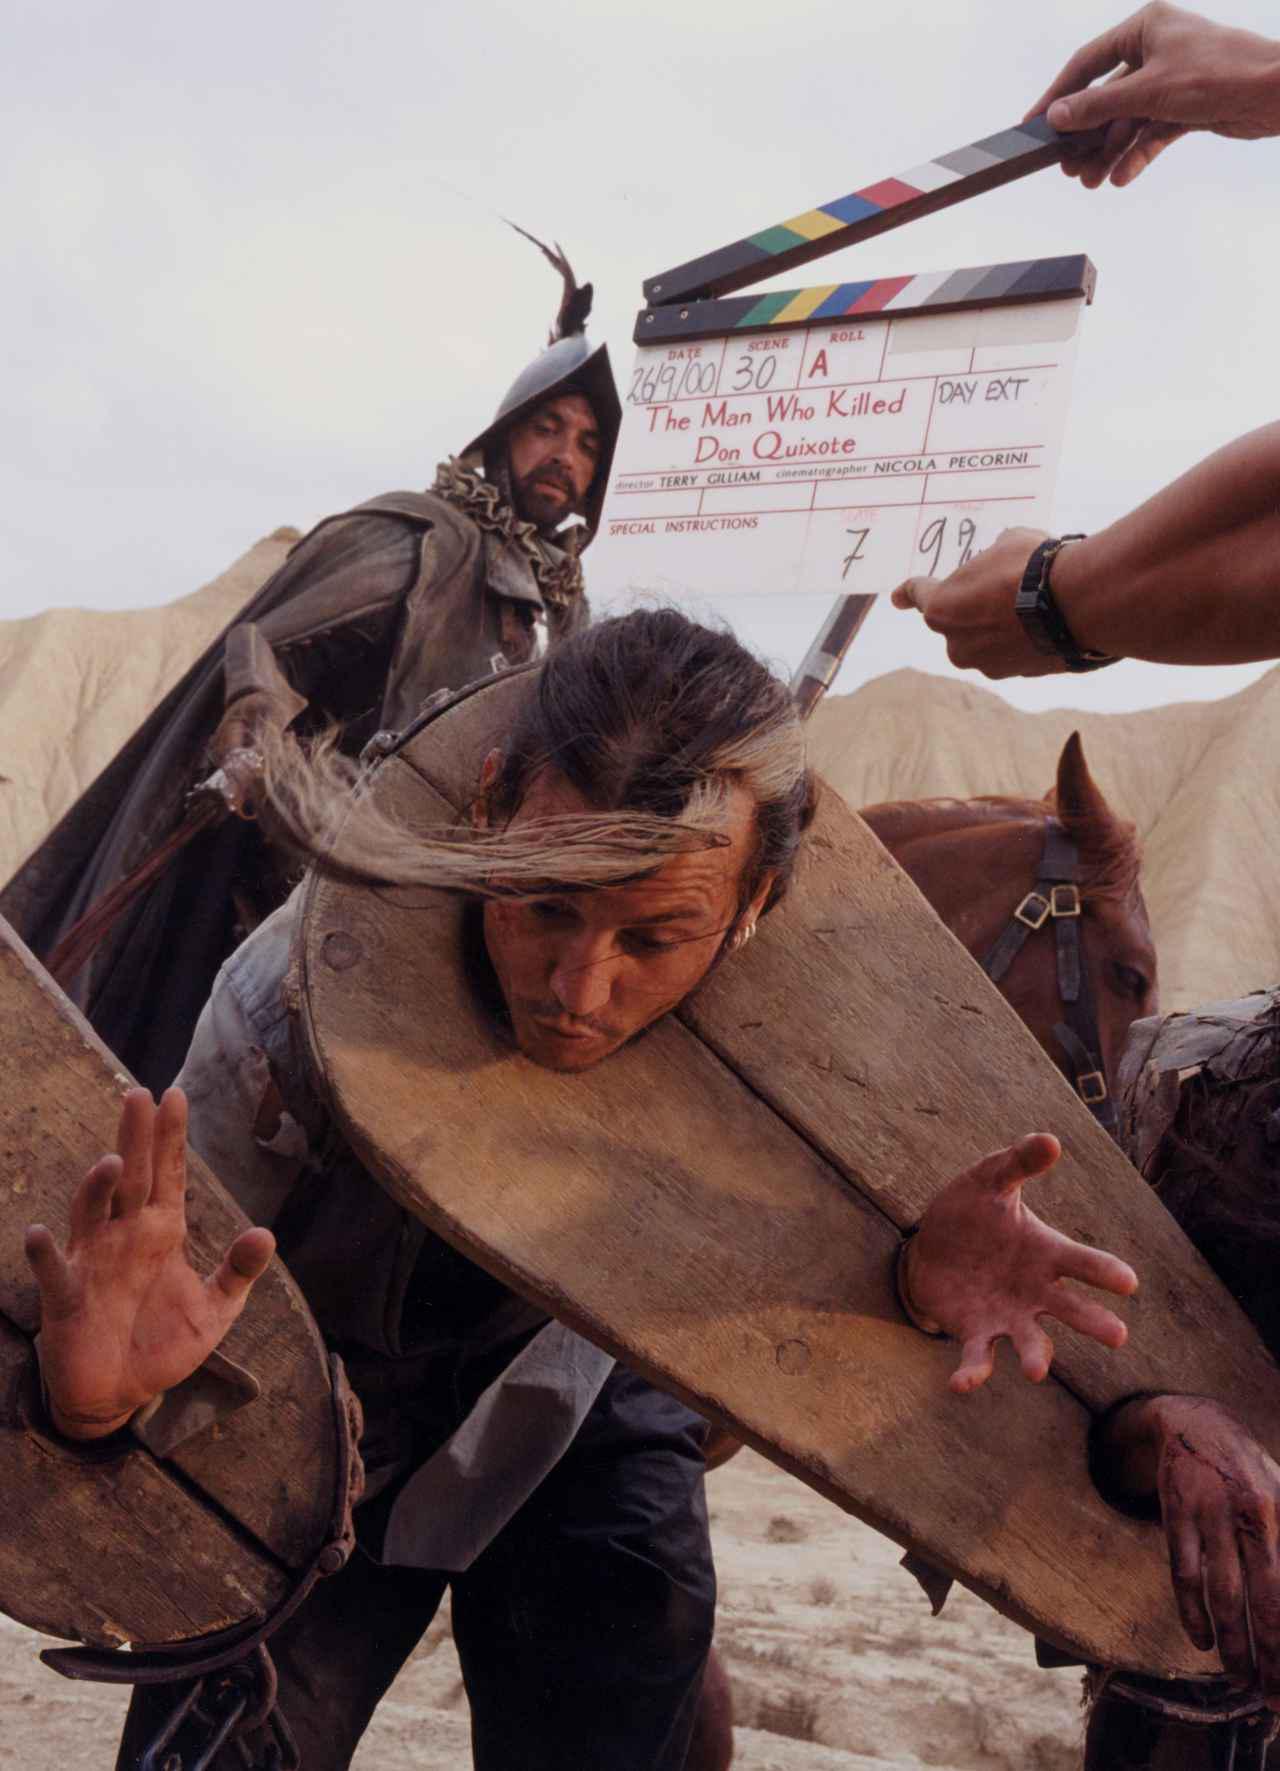 画像1: 『ロスト・イン・ラ・マンチャ』 © 2001 QUIXOTE FILMS LIMITED ALL RIGHTS RESERVED